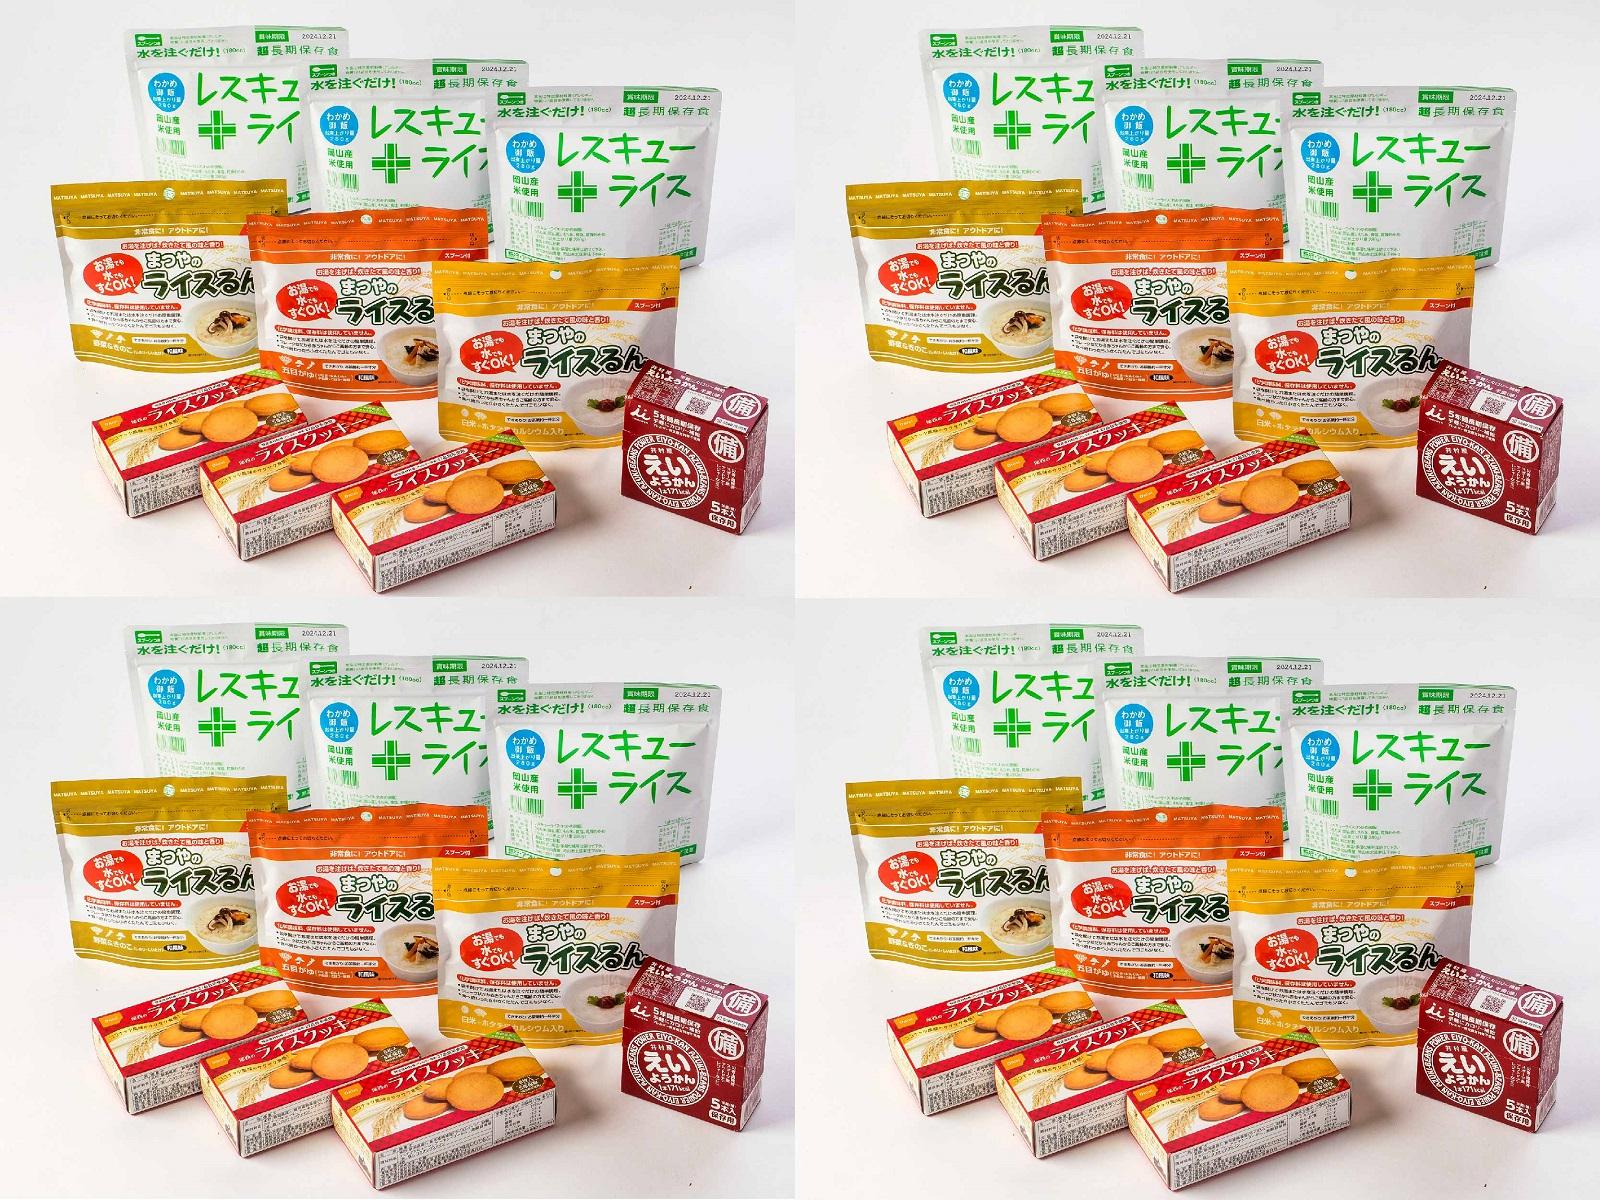 アレルギー対応防災食セット<4人3日分> 【5年保存】【非常食】